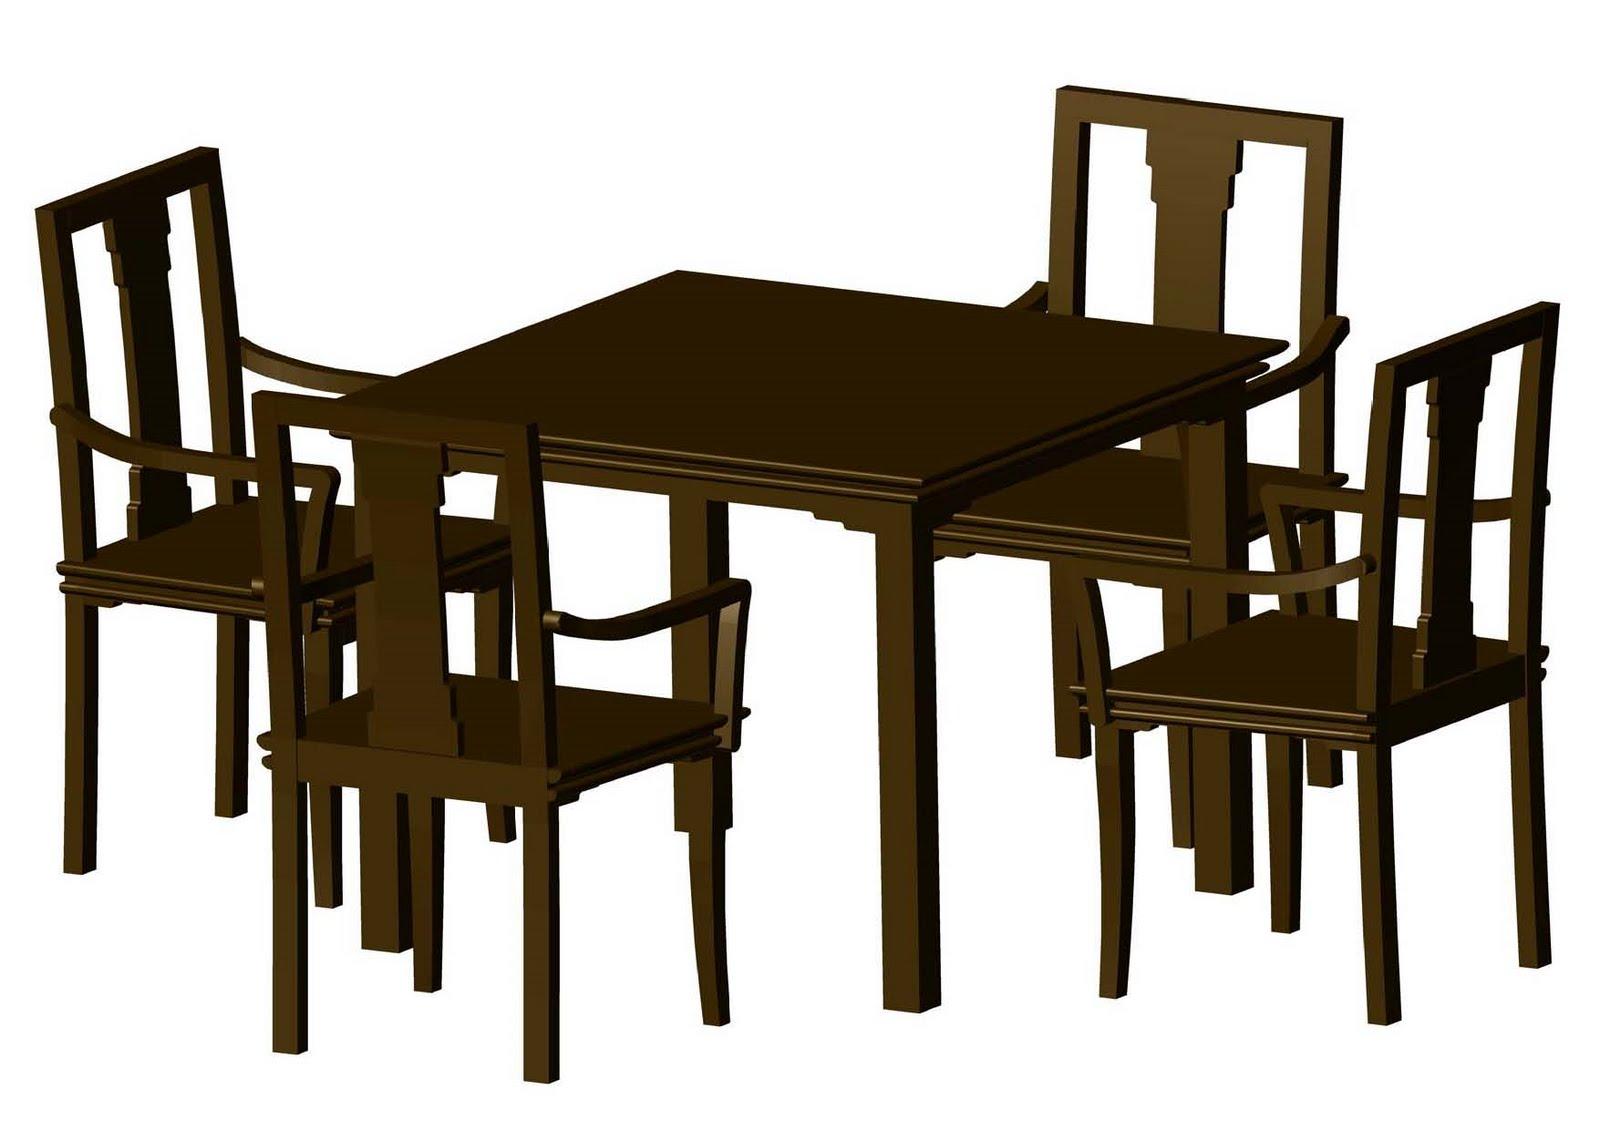 Home design interior unique design dining table for Dining table unique designs